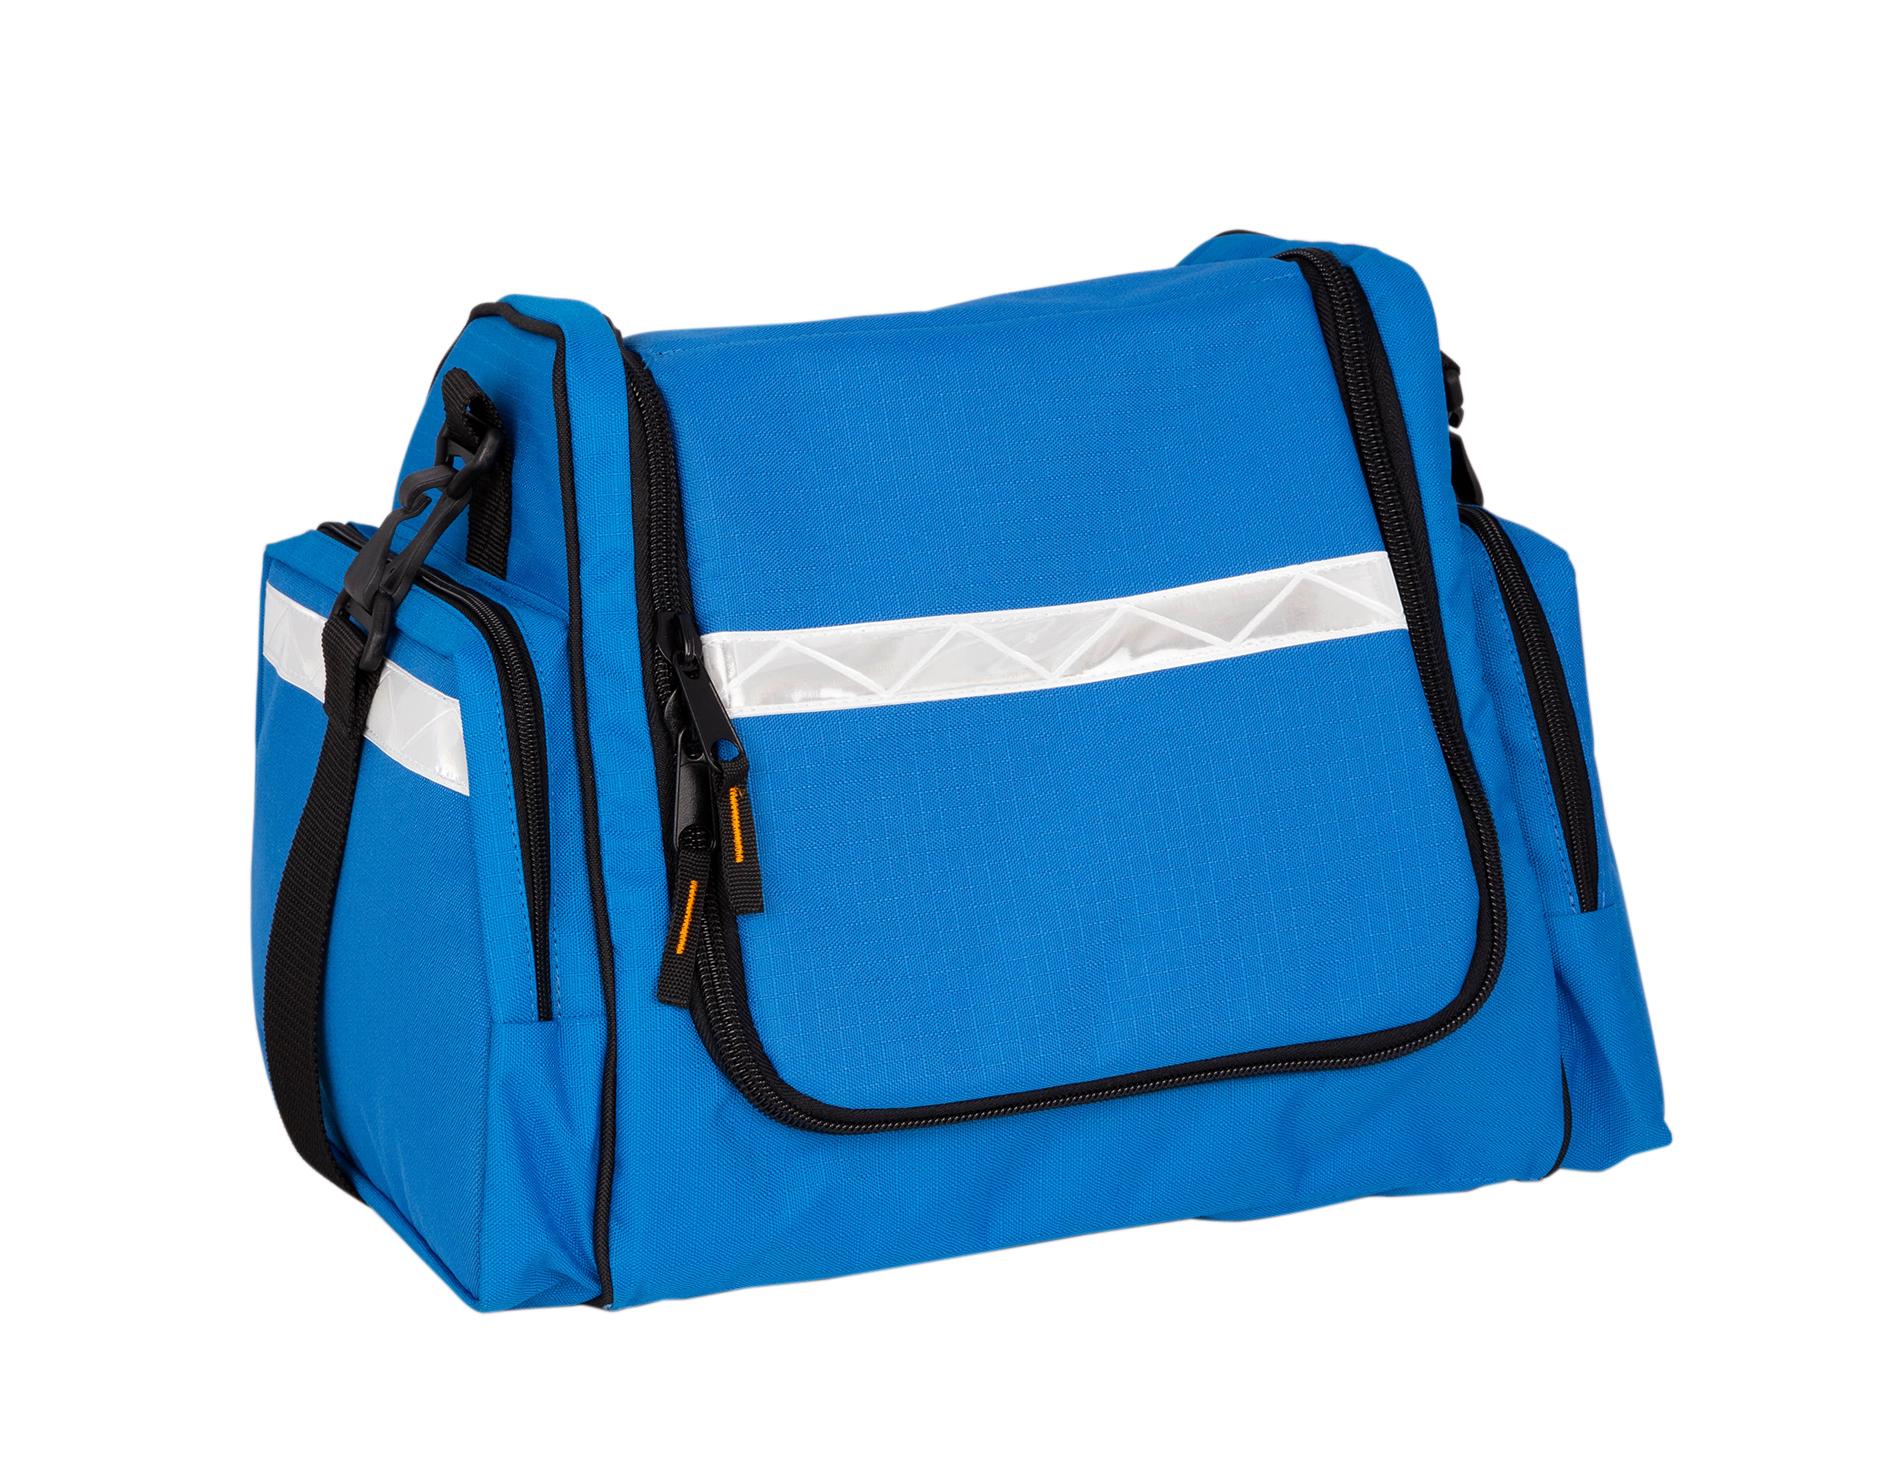 QuikRead GO transportbag